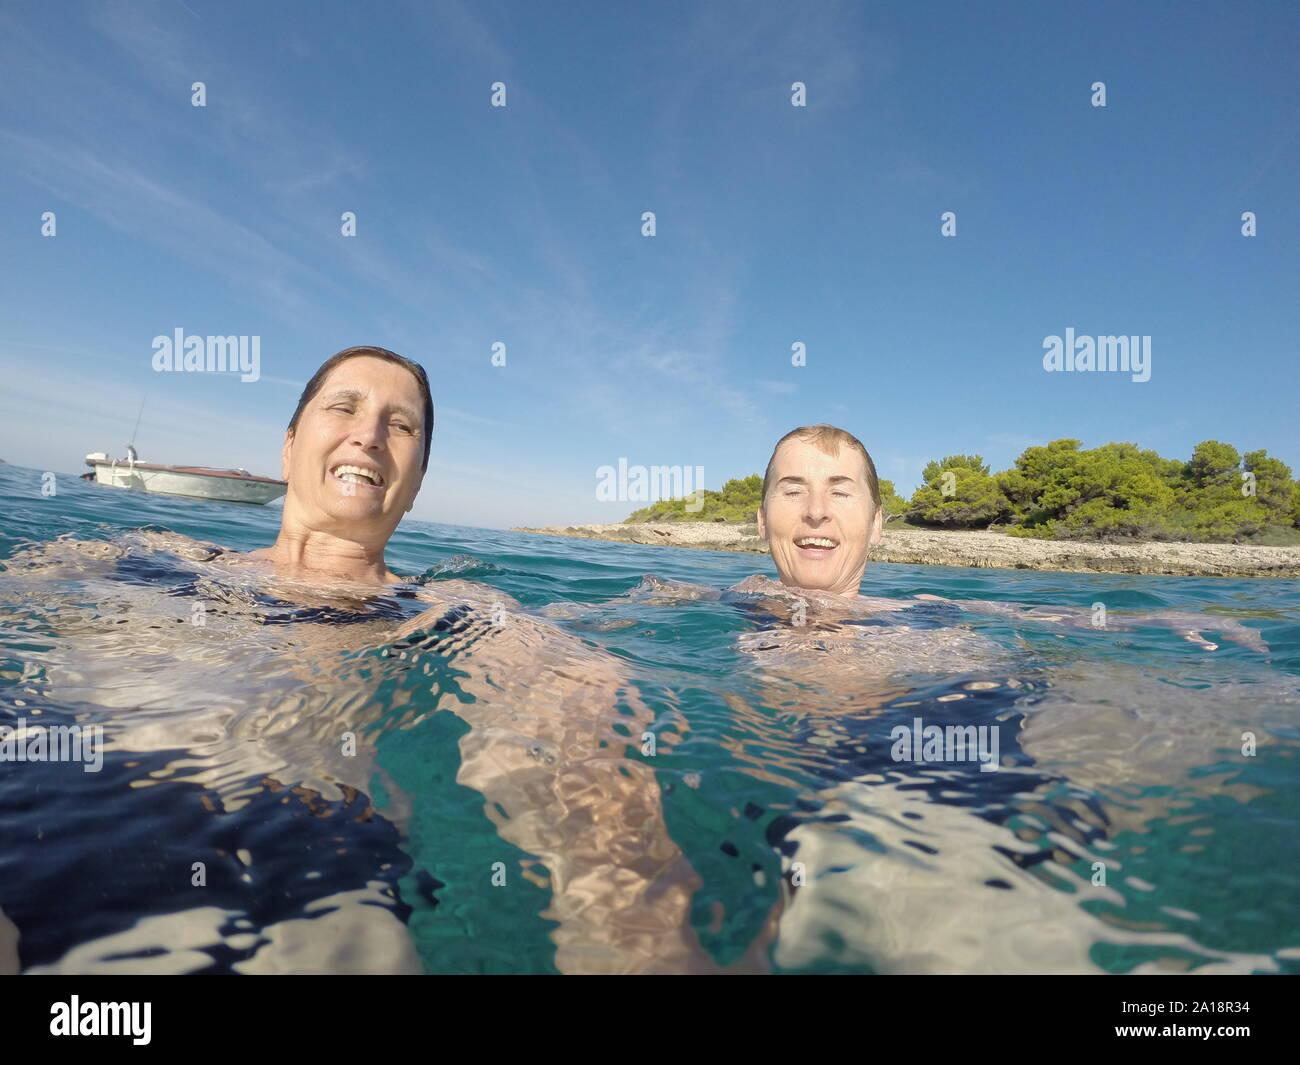 Dos mujeres nadando en el azul claro del mar Adriático Foto de stock